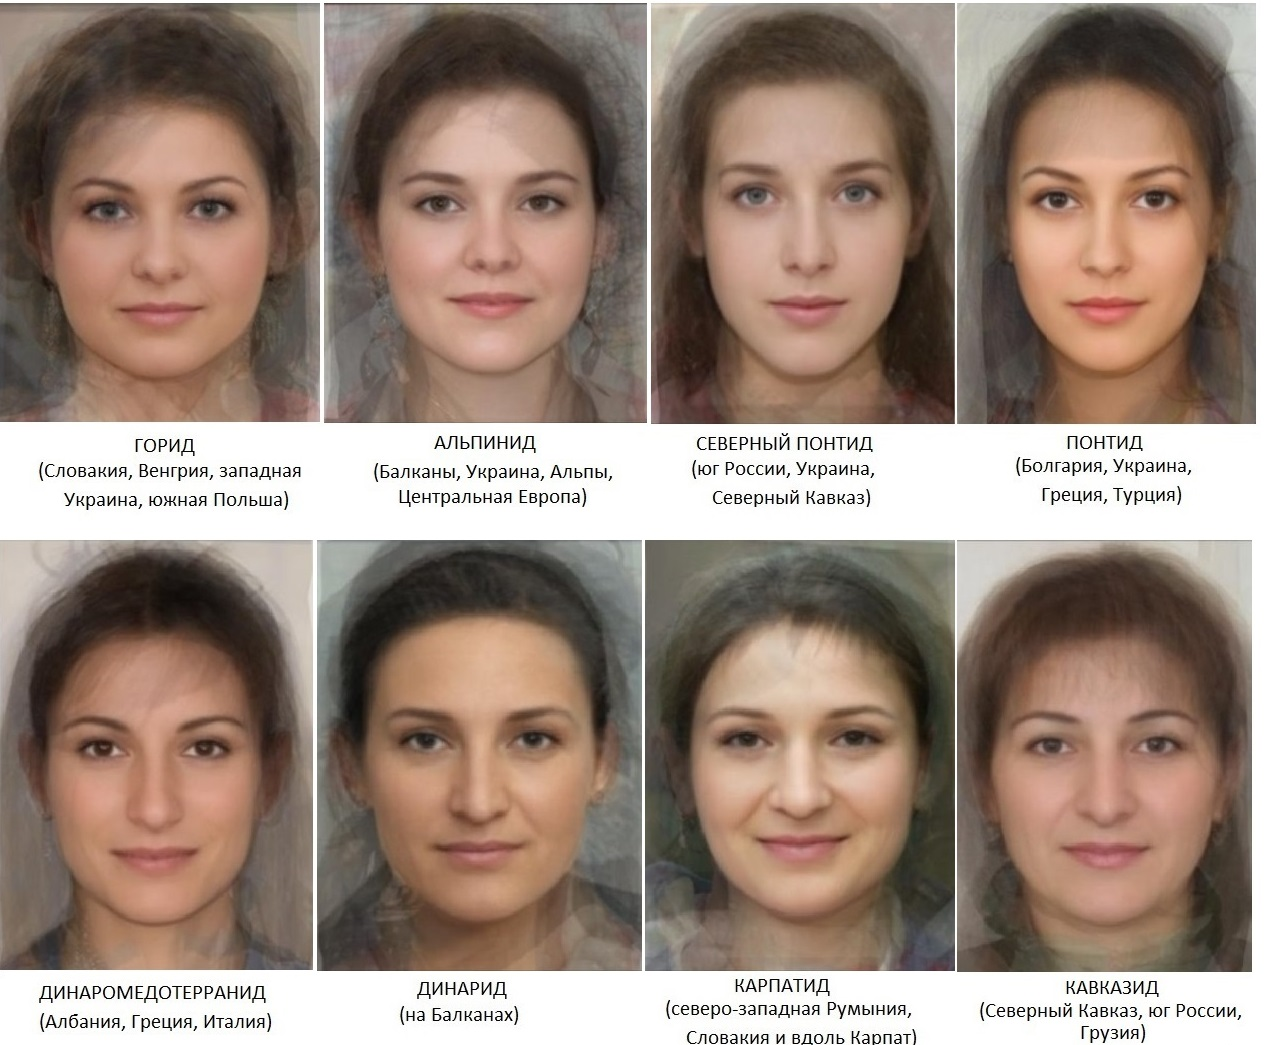 как узнать свою национальность по внешности фото эта задача кажется